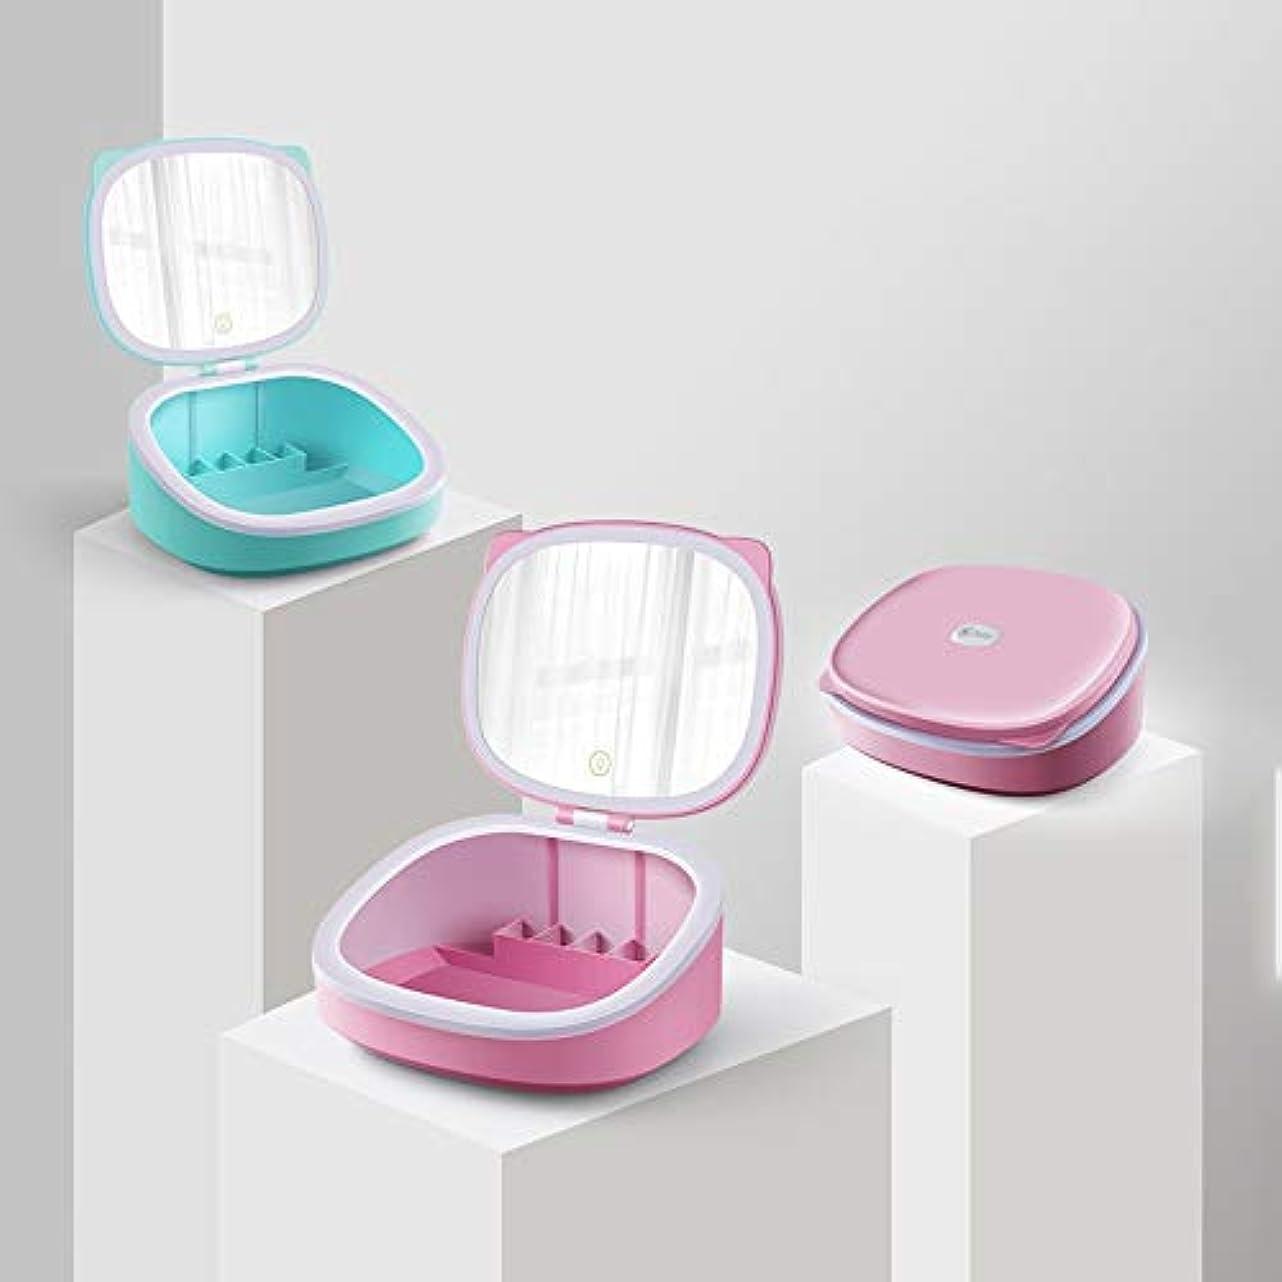 たくさんの相手研究流行の LEDライト化粧鏡収納猫美容鏡卓上鏡多機能光ABSピンクブルーを調整することができます (色 : Pink)